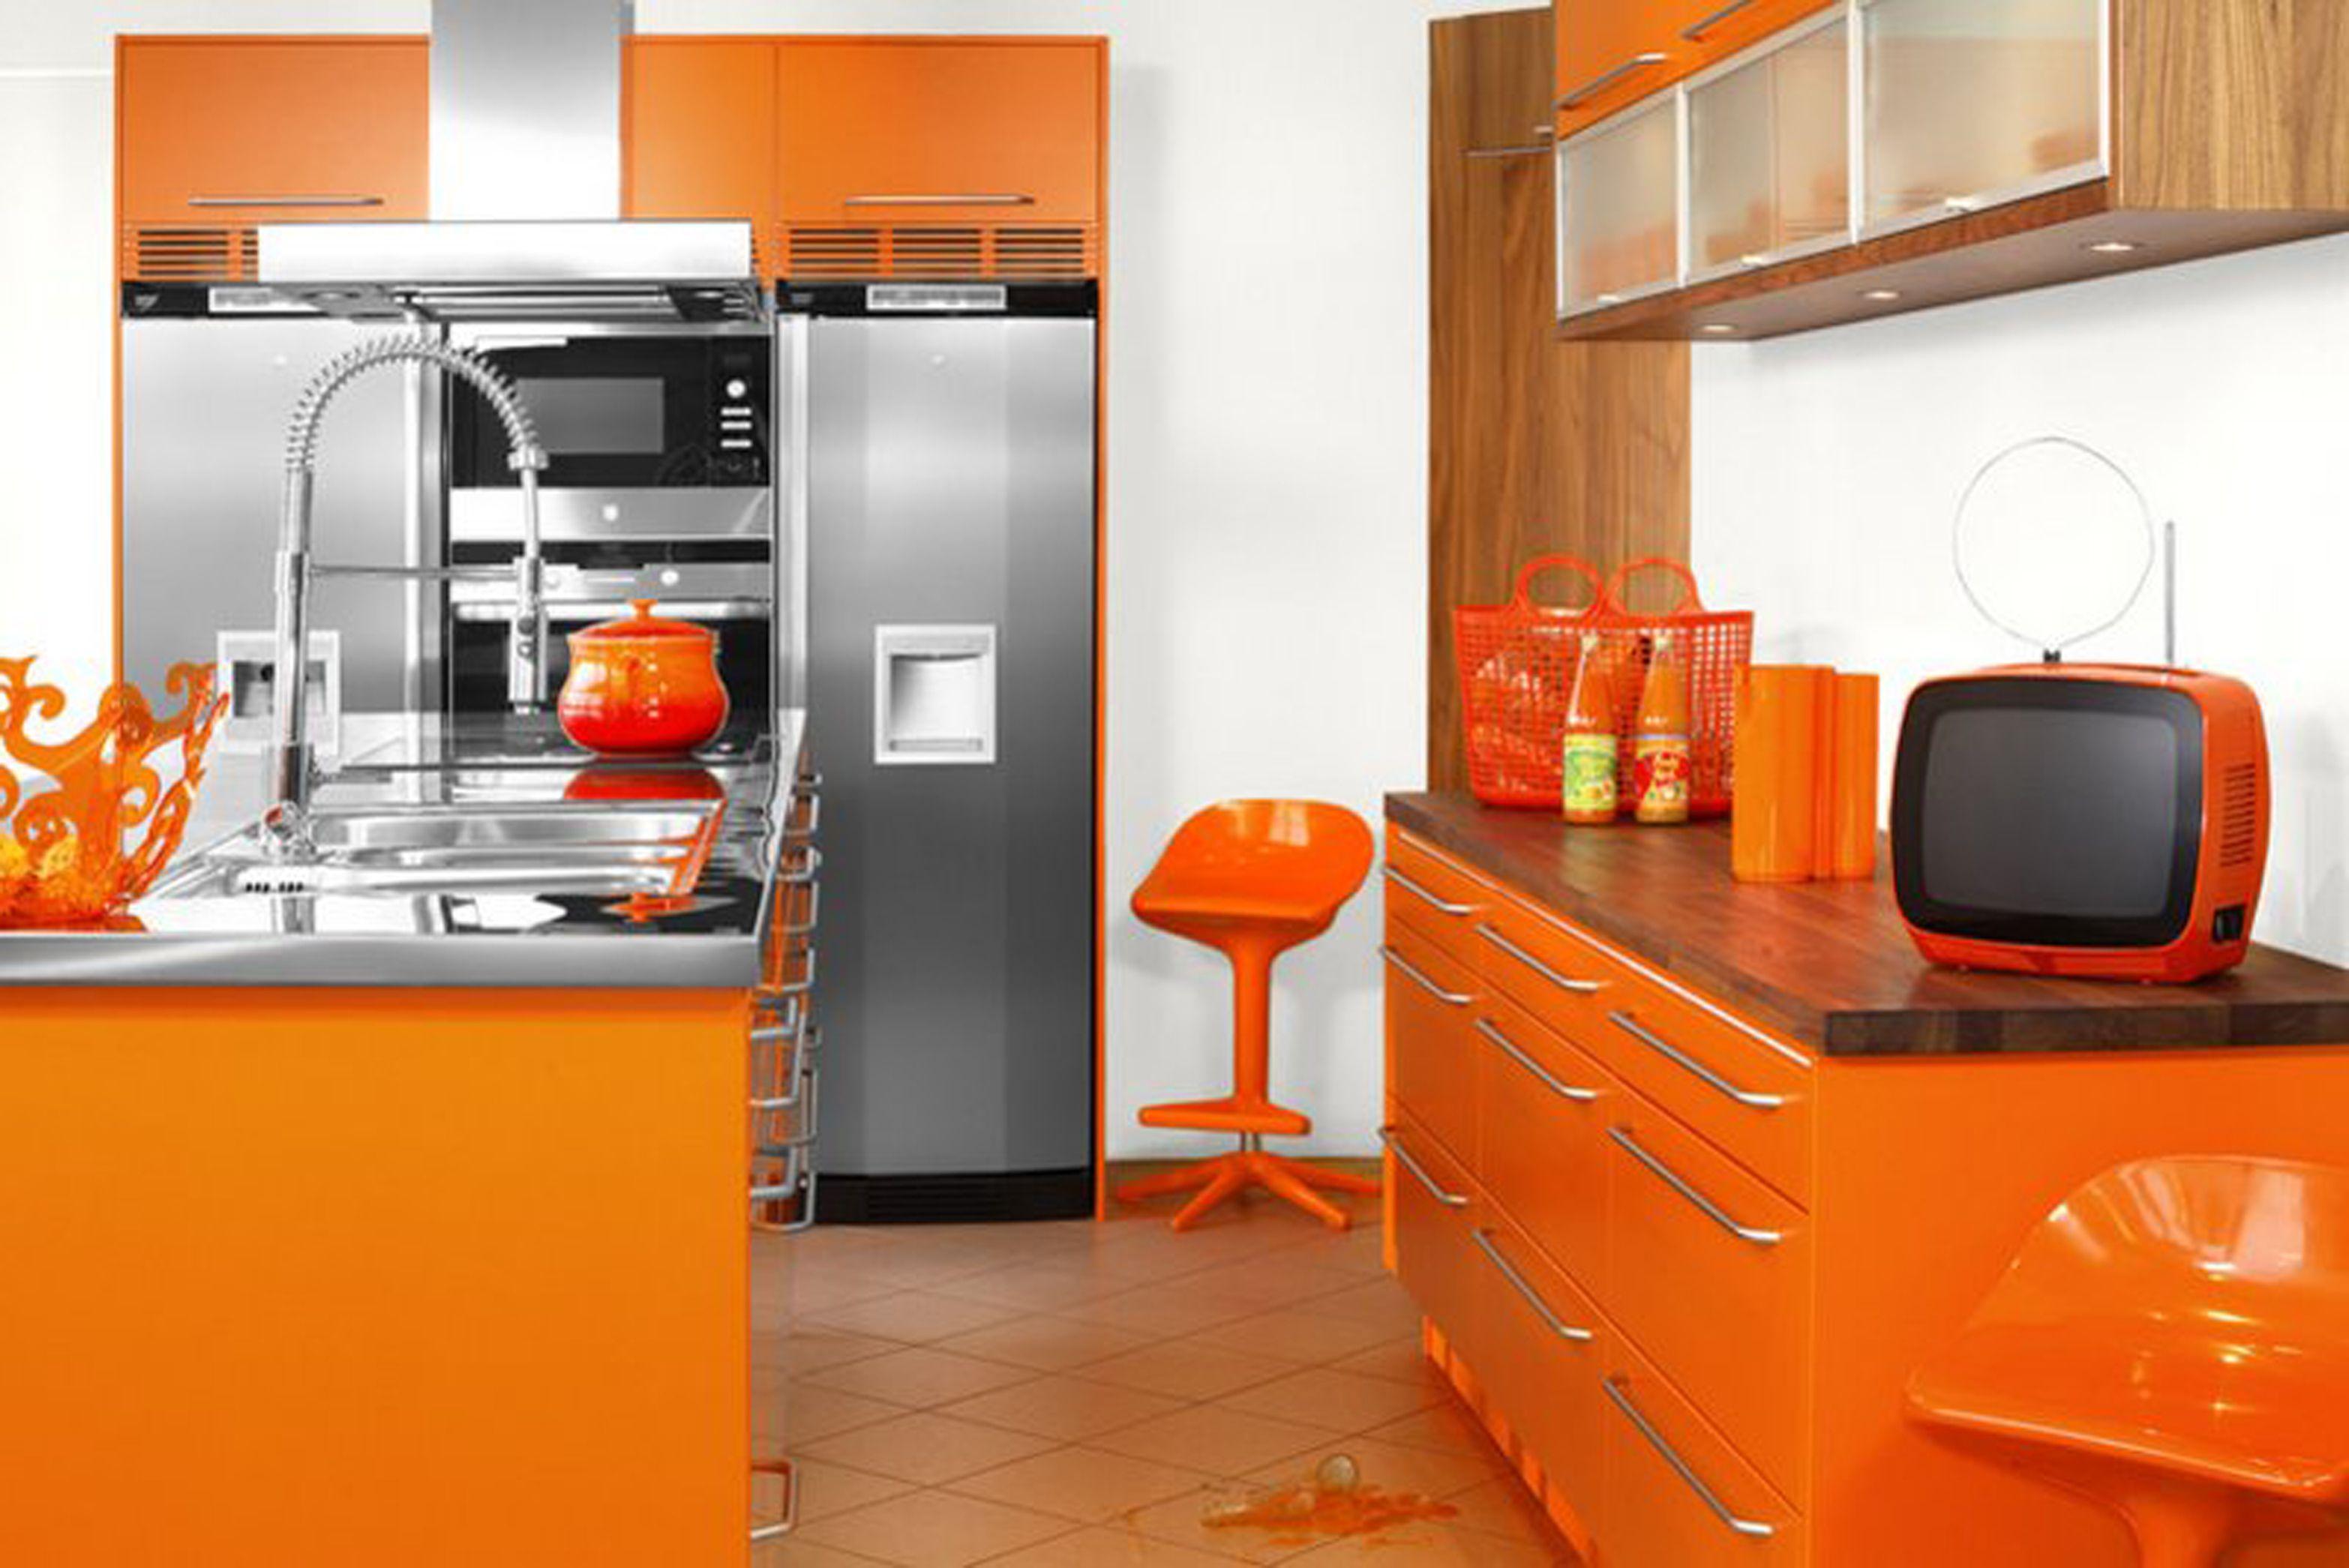 kitchen design gallery ideas kitchen design ideas modern small ...